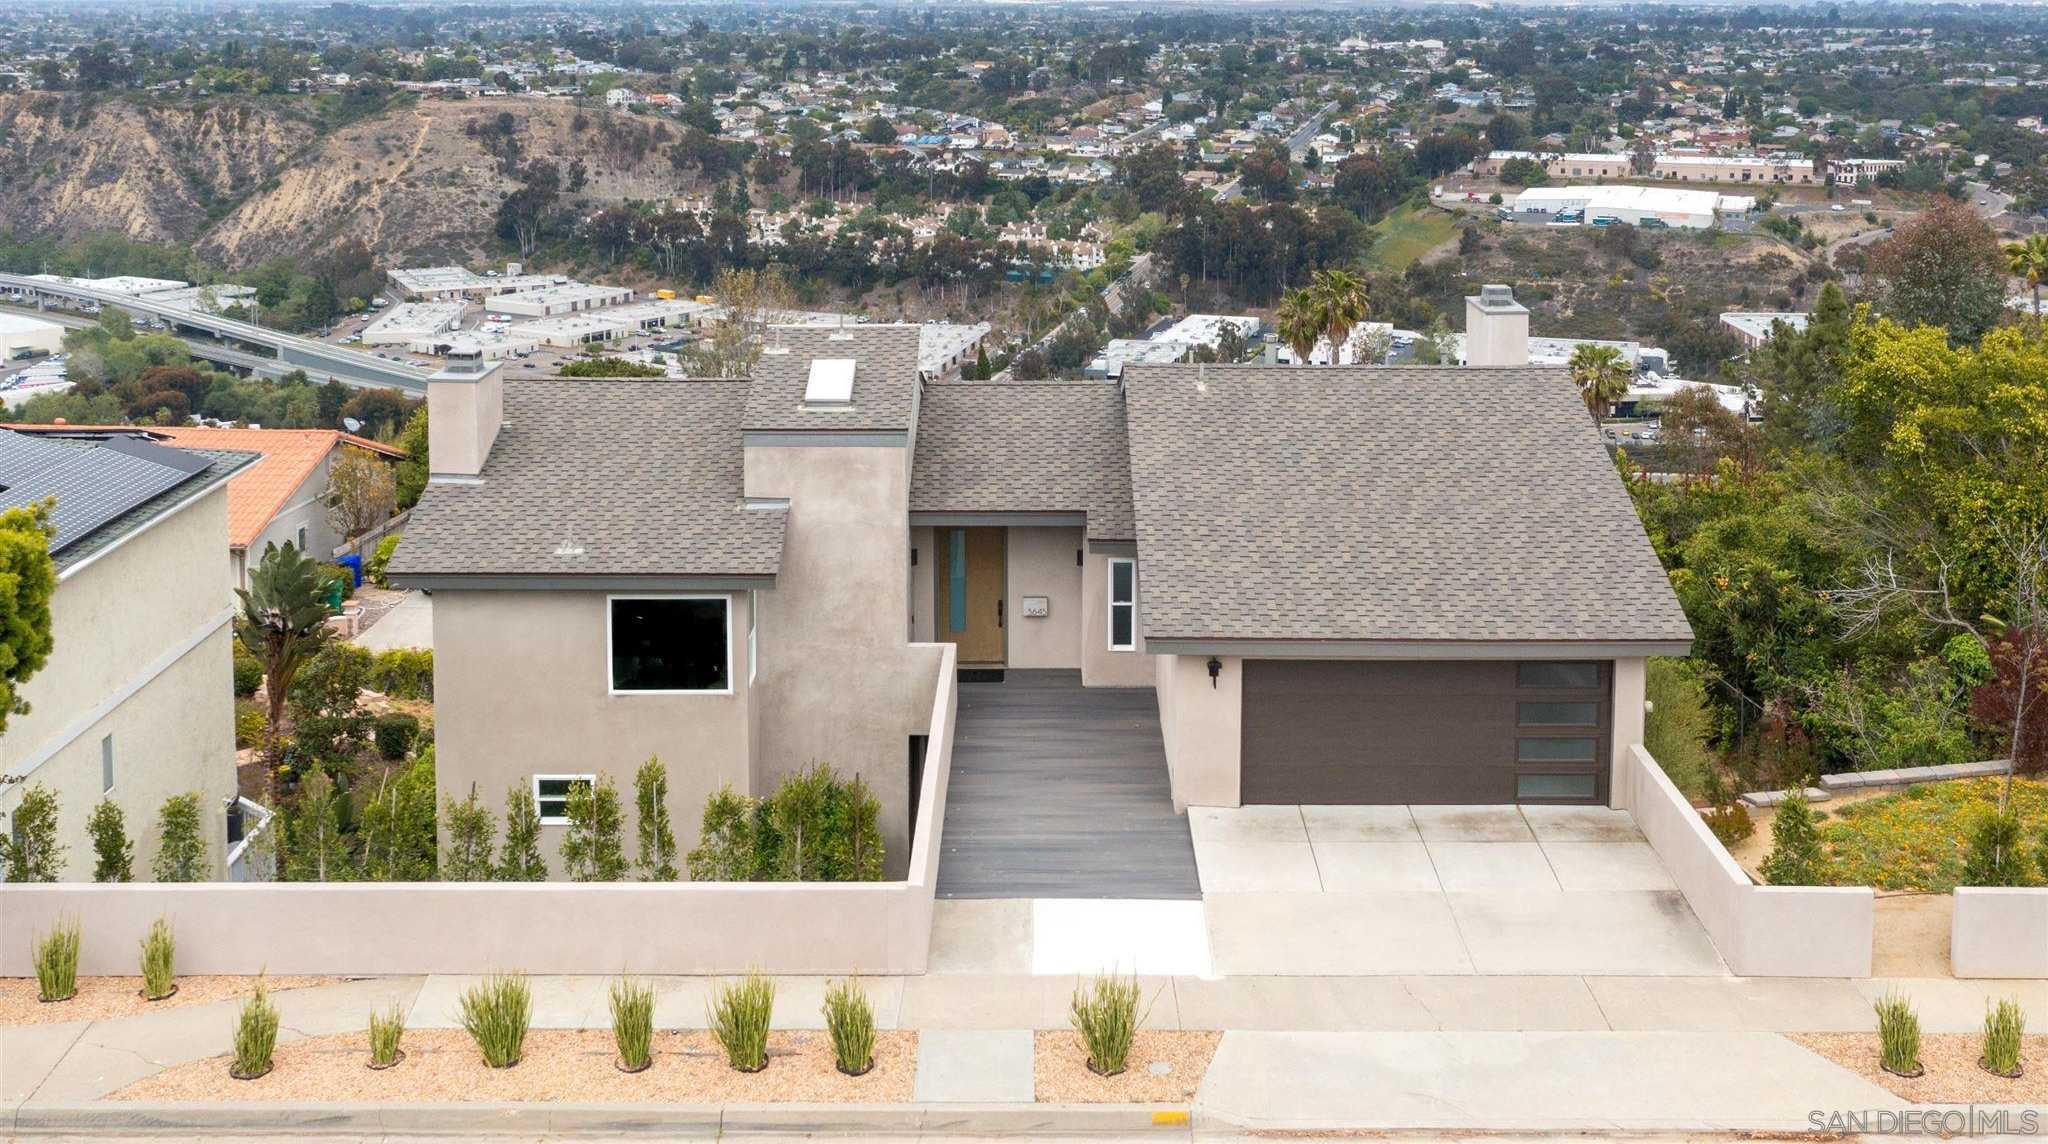 $2,295,000 - 5Br/4Ba -  for Sale in Soledad Mountain La Jolla, La Jolla